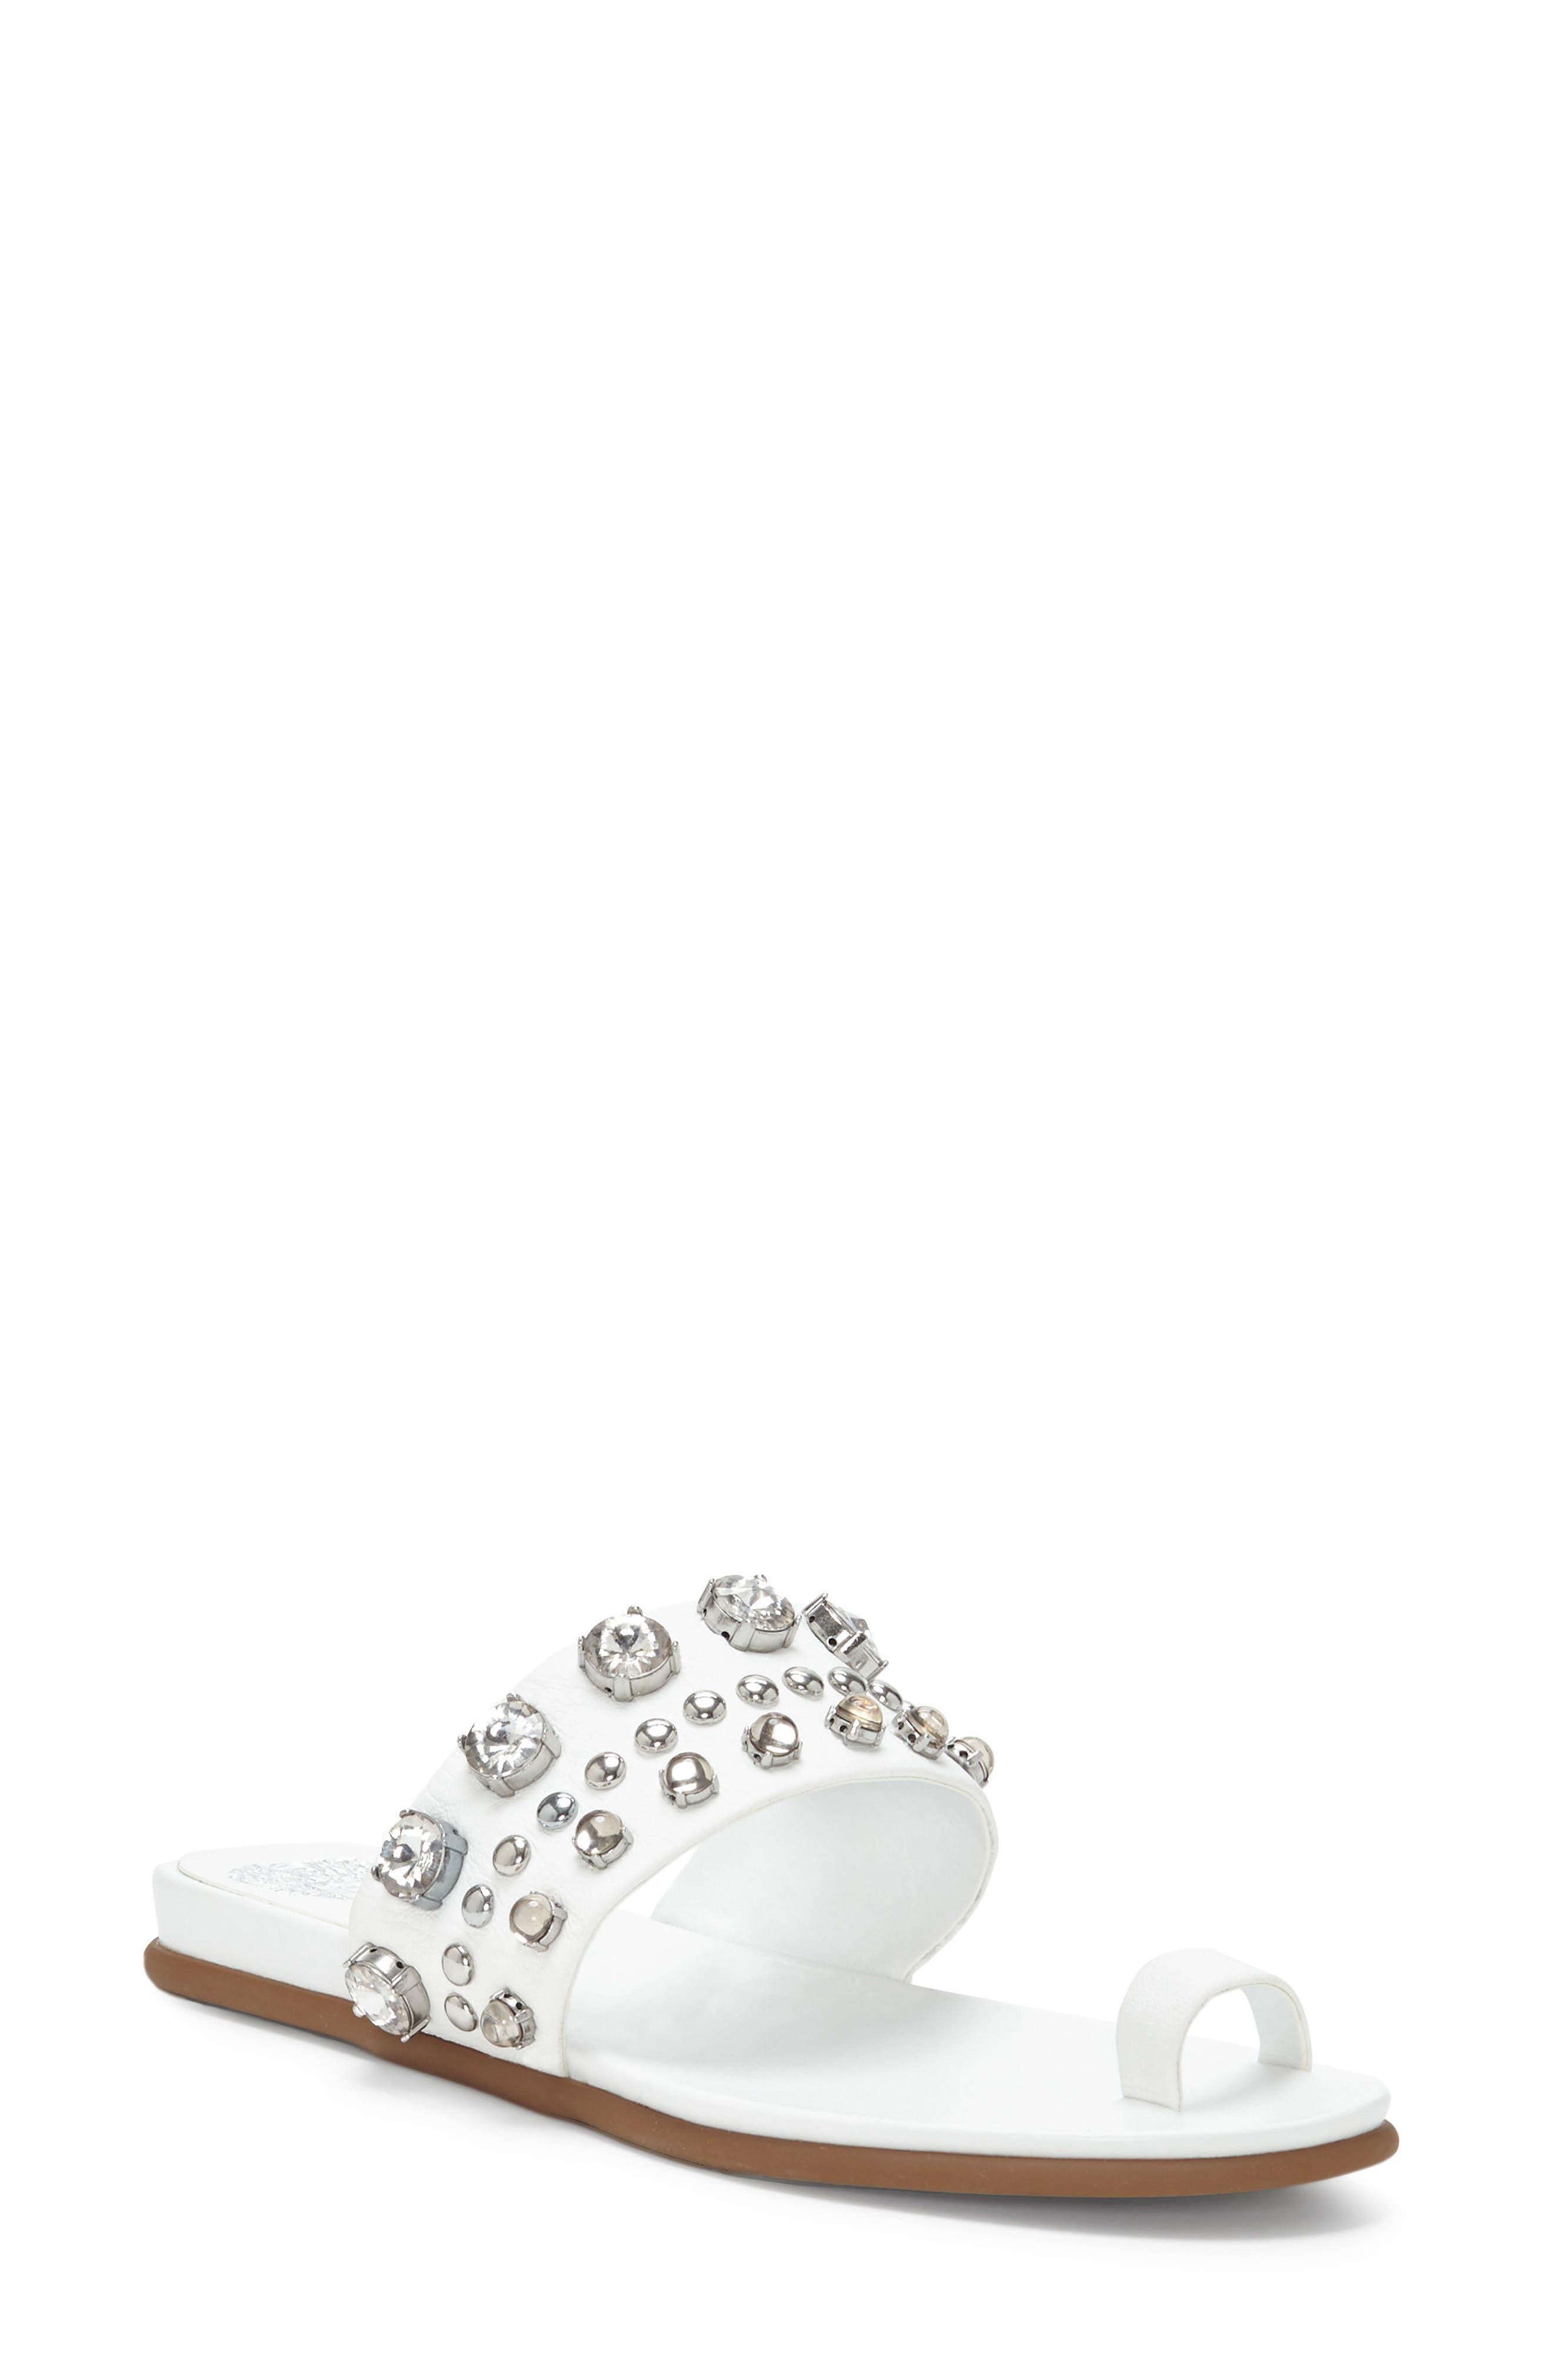 Emmerly Embellished Sandal,                         Main,                         color, Pure